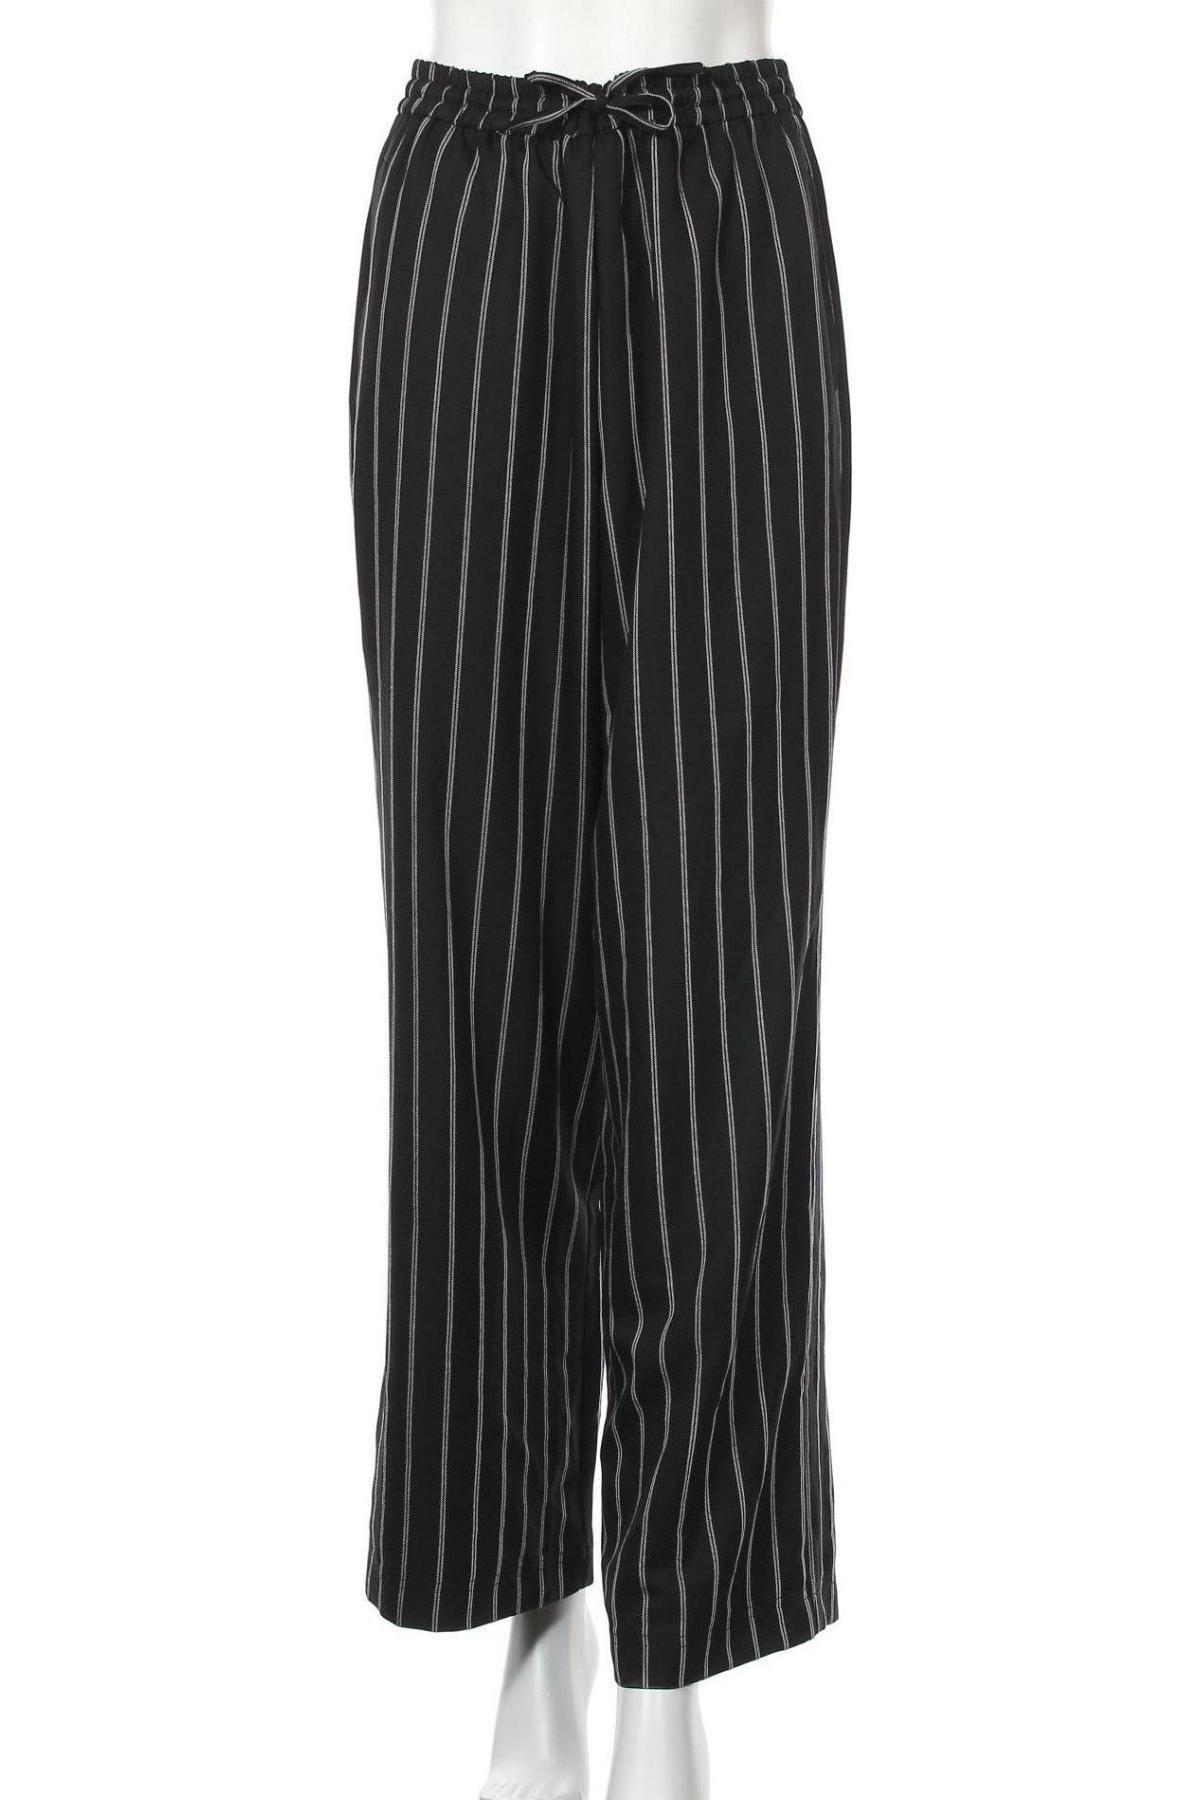 Дамски панталон Urban Outfitters, Размер L, Цвят Черен, 94% полиестер, 6% вискоза, Цена 24,92лв.